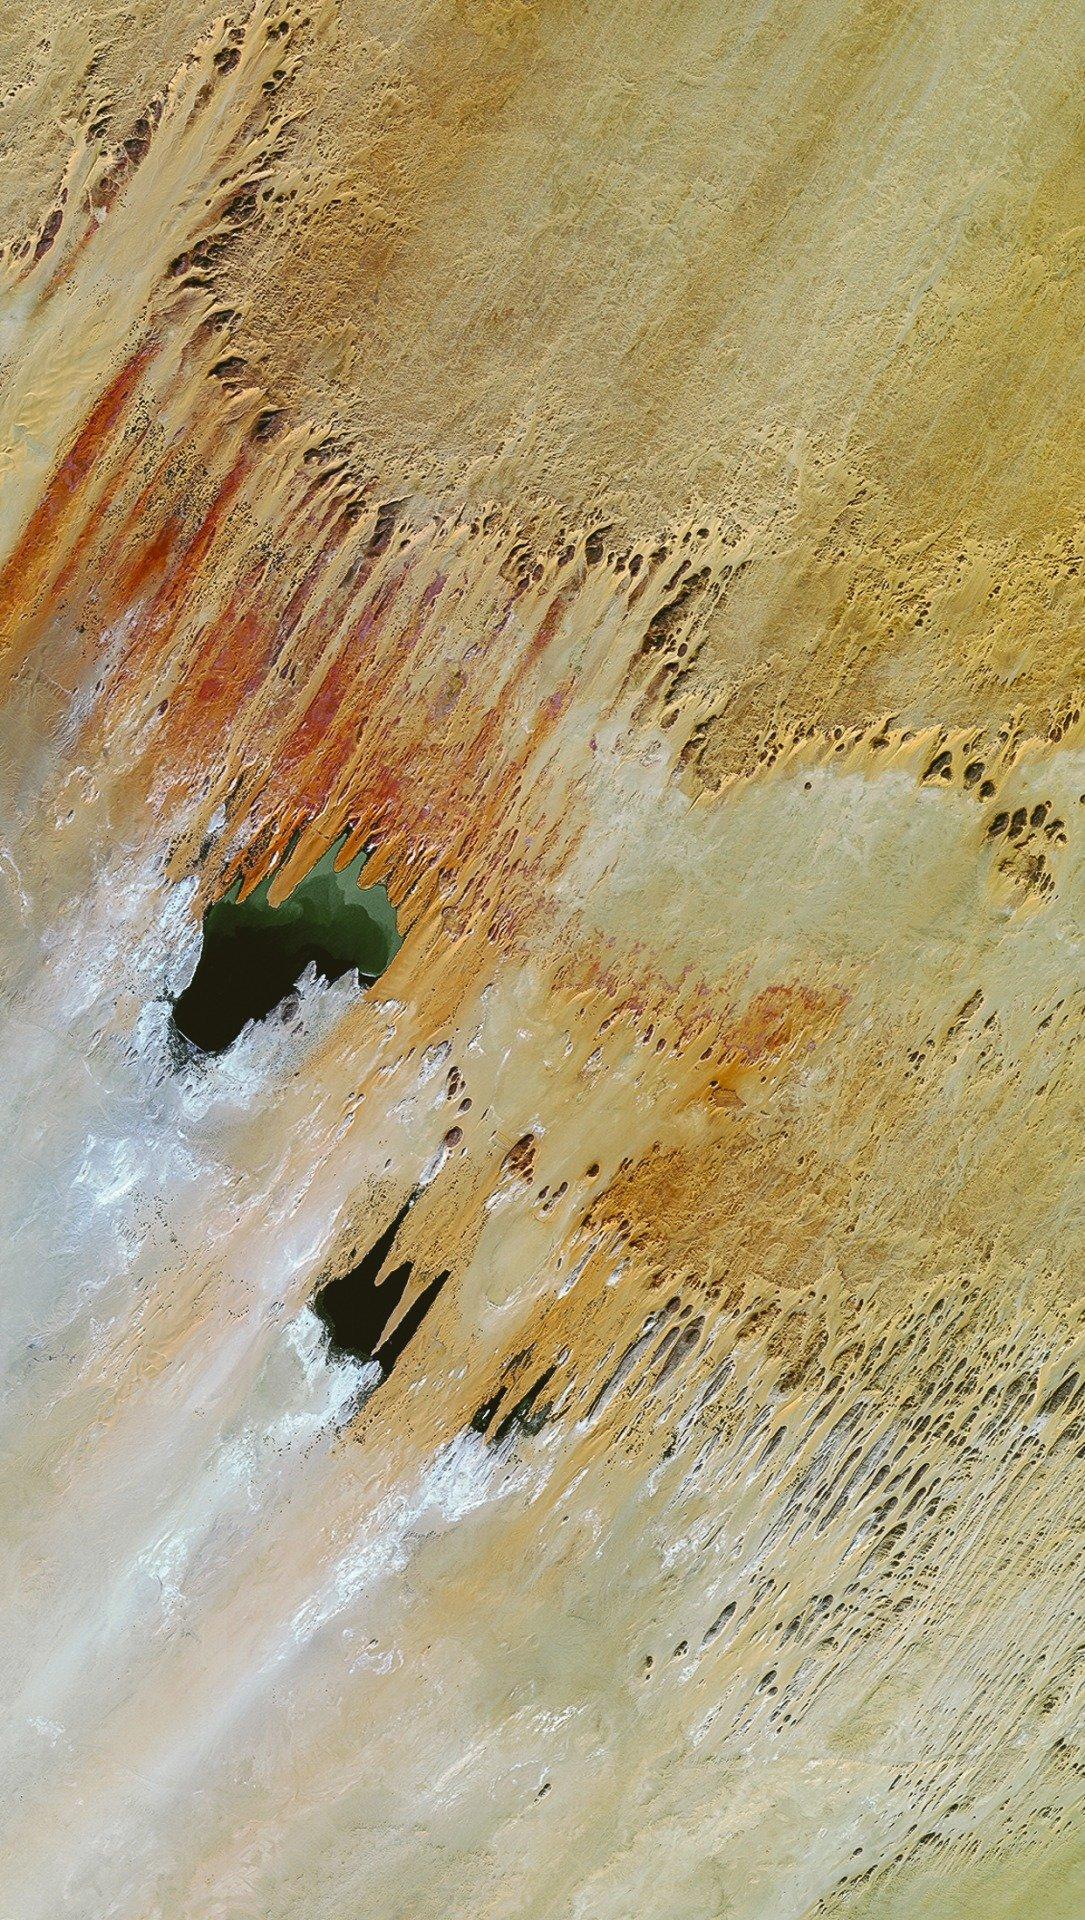 Фотографии Земли в качестве обоев для телефона - Изображение 2